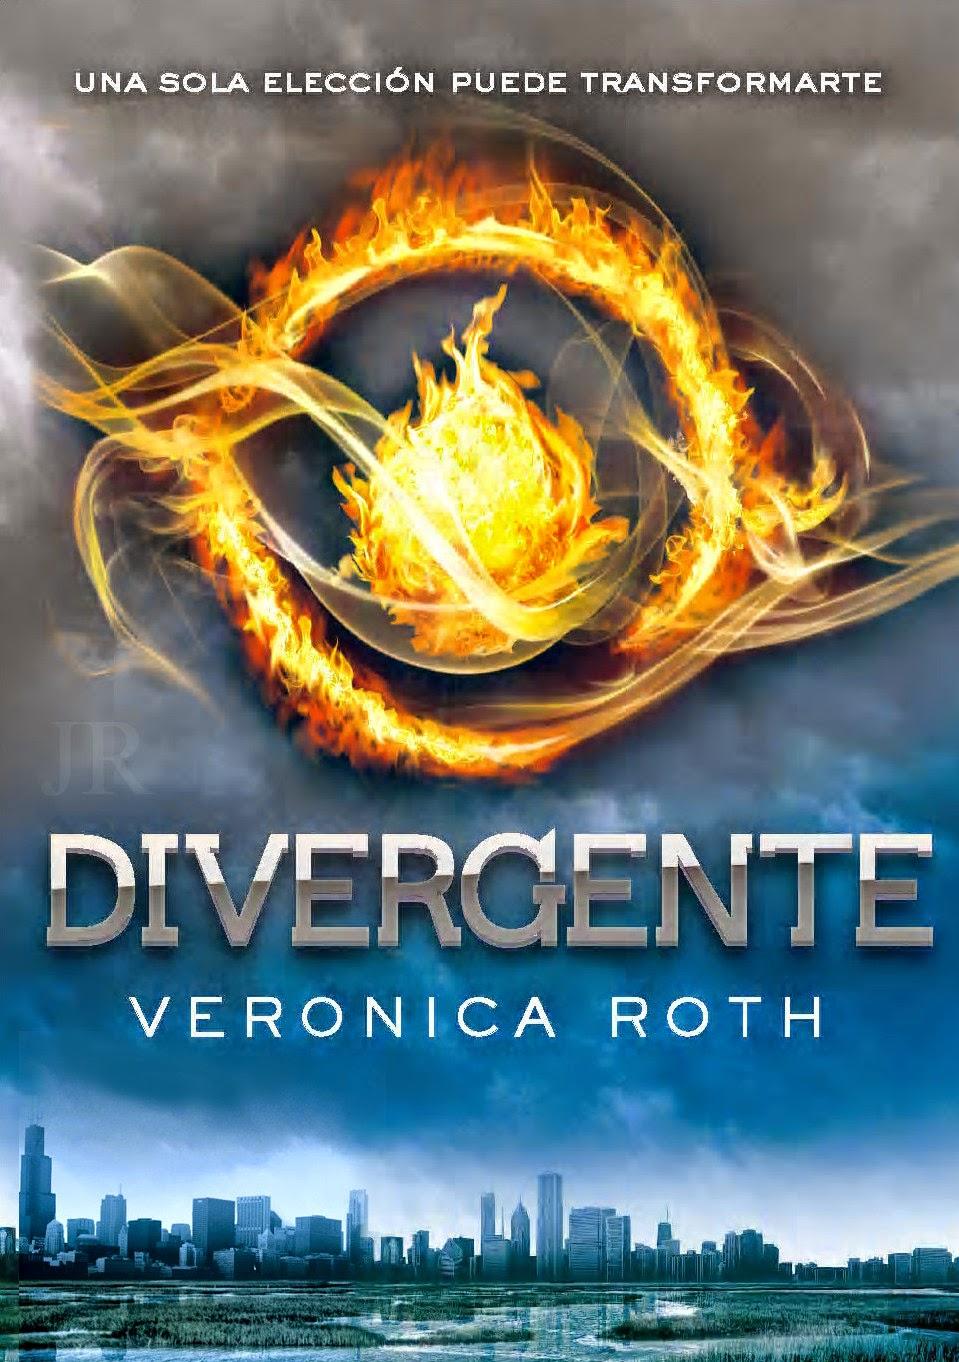 Divergente: Ver gratis online streaming en español. Película en vivo sin cortes, sin descarga, ni torrent.